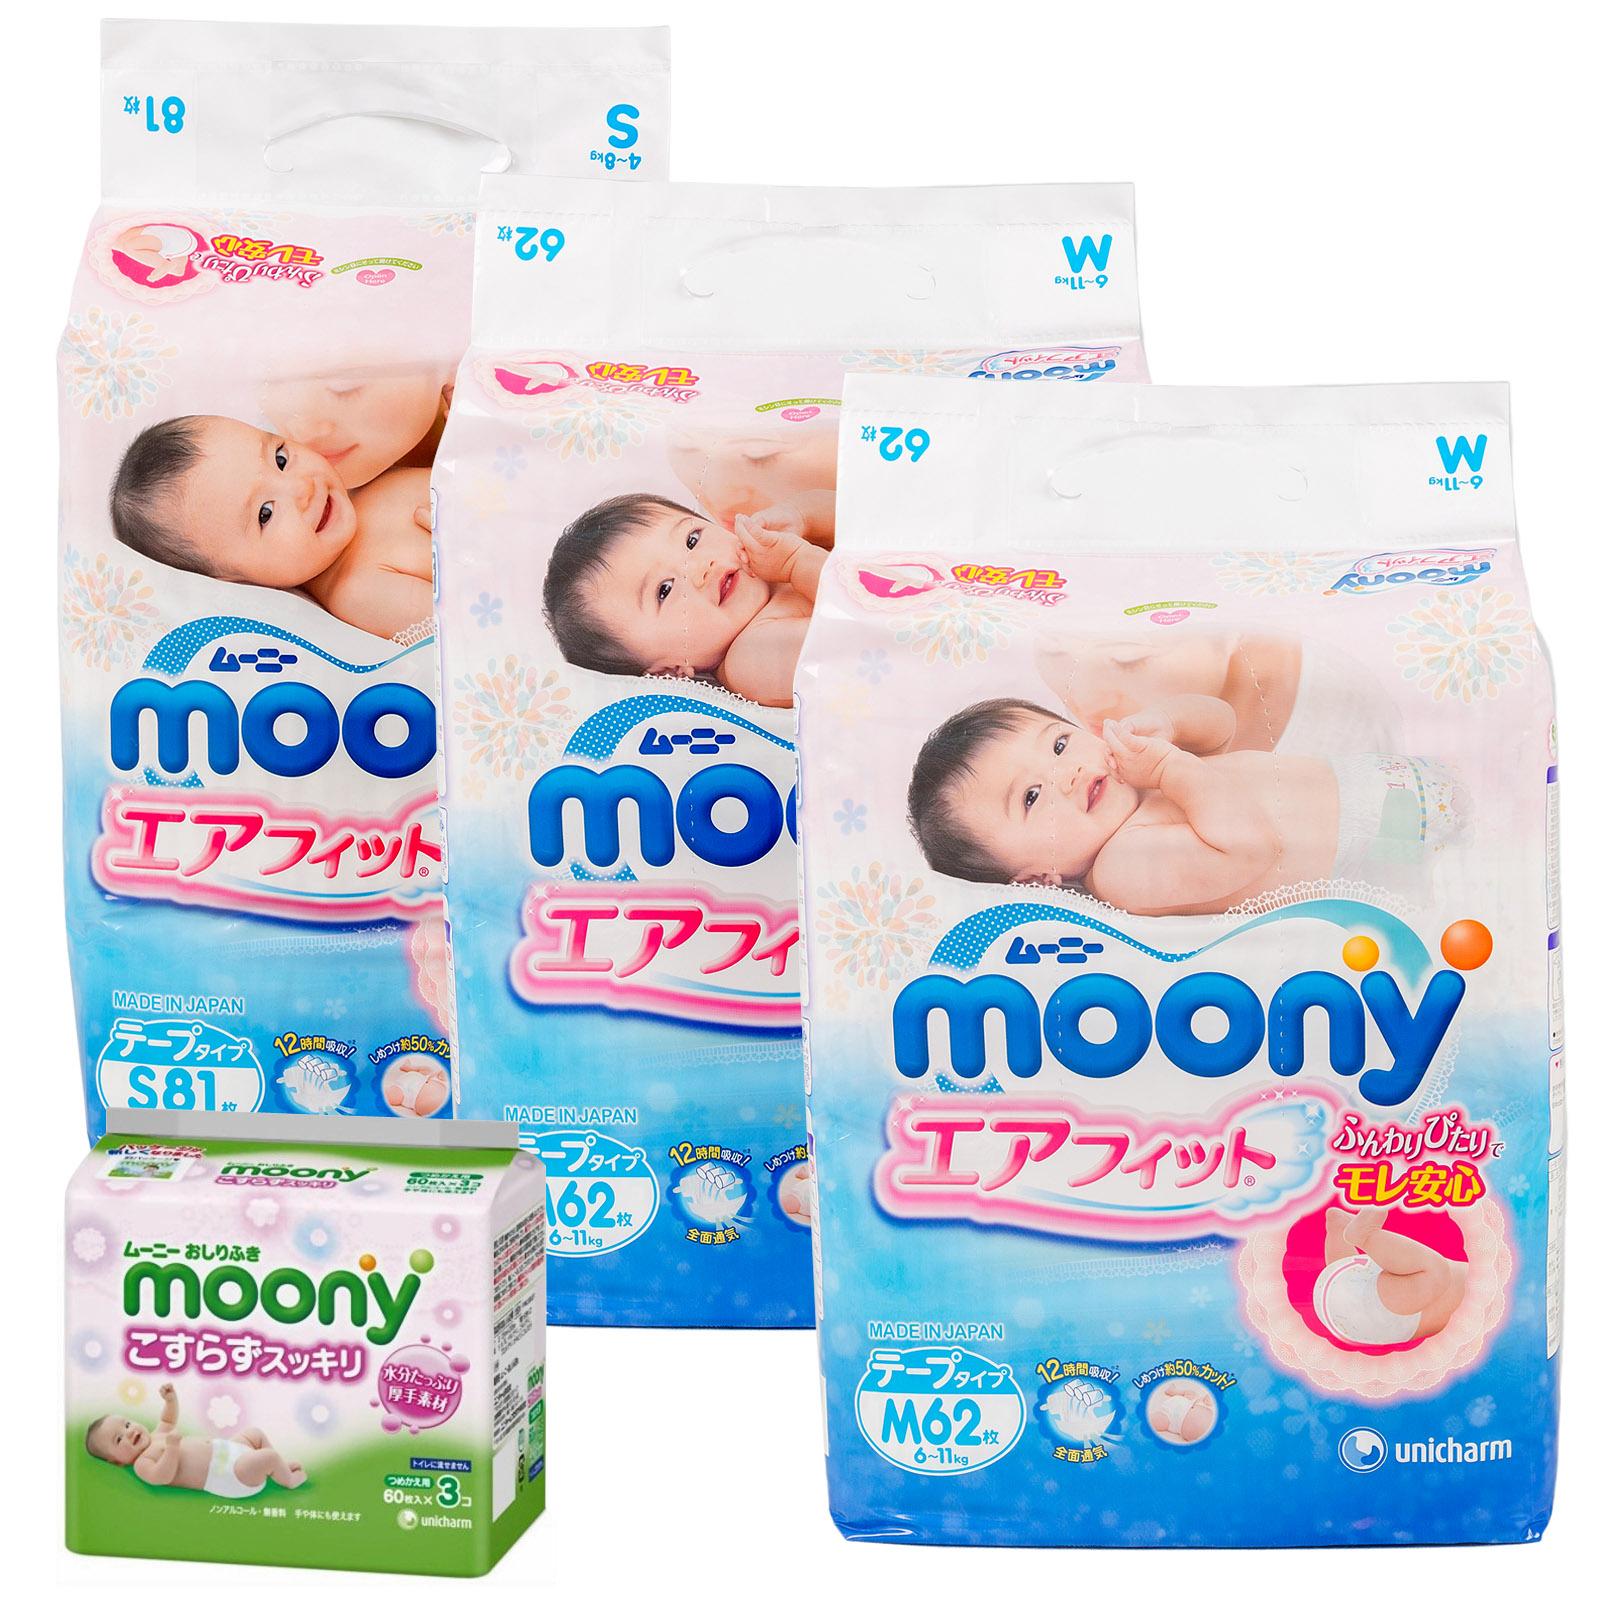 ����� Moony � 2 ���������� S-M � ����������